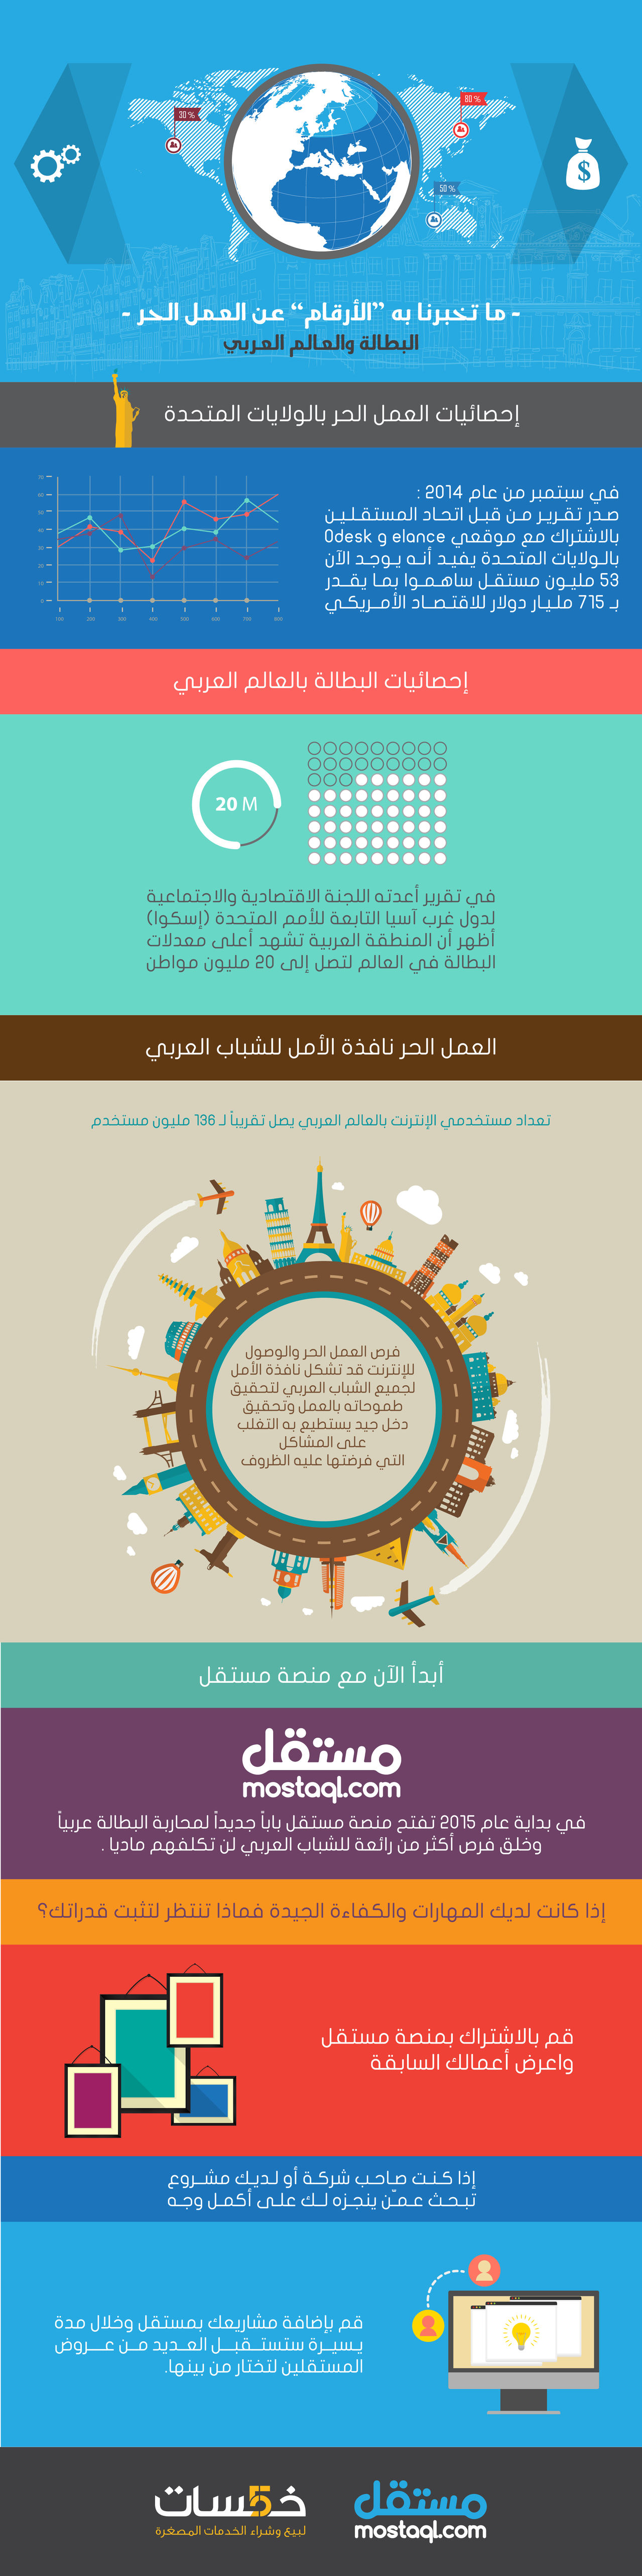 ما تخبرنا به الأرقام عن العمل الحر البطالة والعالم العربي إنفوجرافيك مدونة مستقل World Arab World Coro